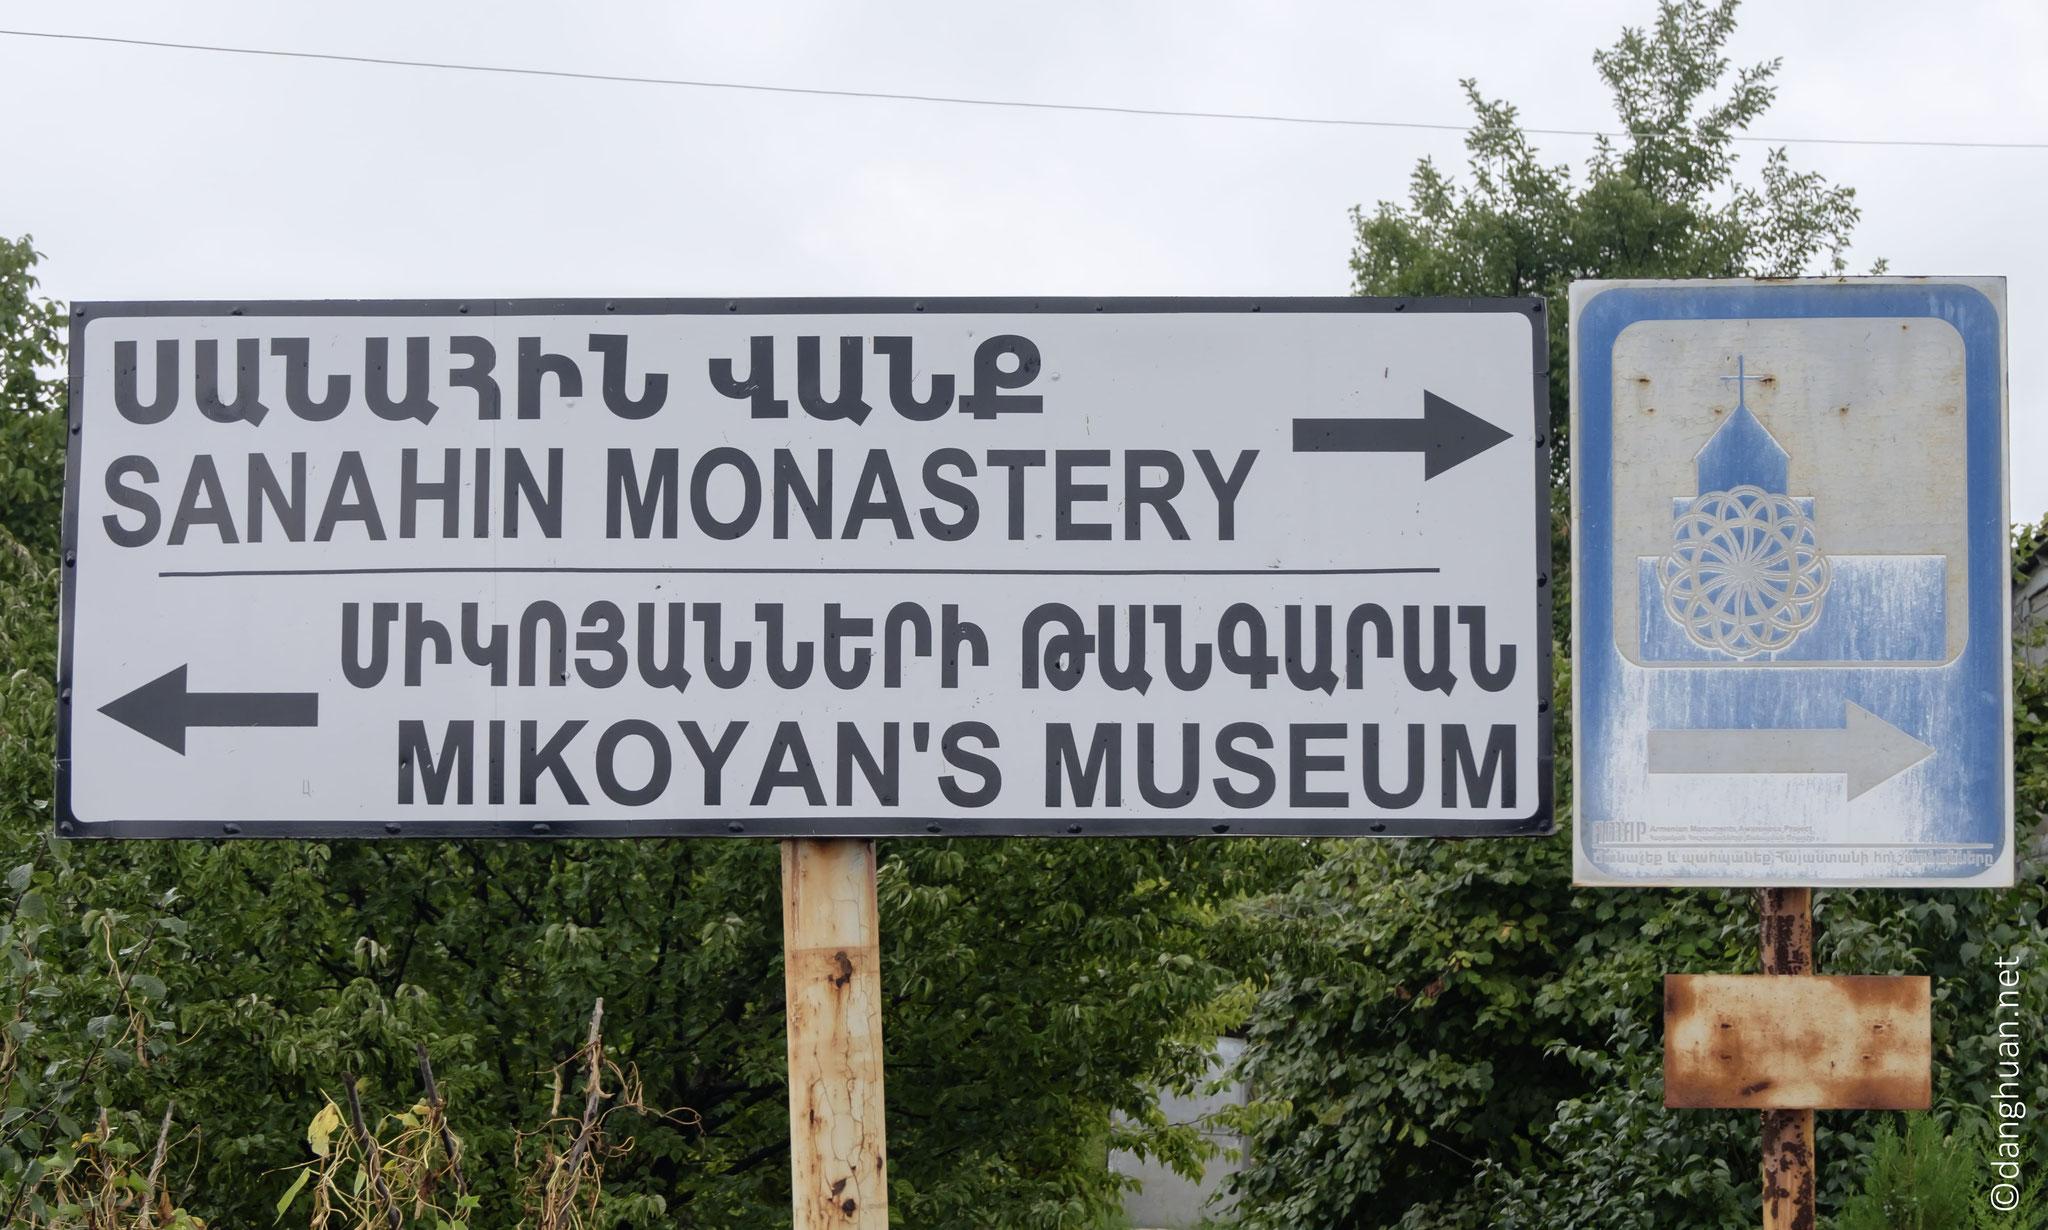 Musée des frères Mikoyan : arméniens d'origine de la région et co-inventeurs des Mig